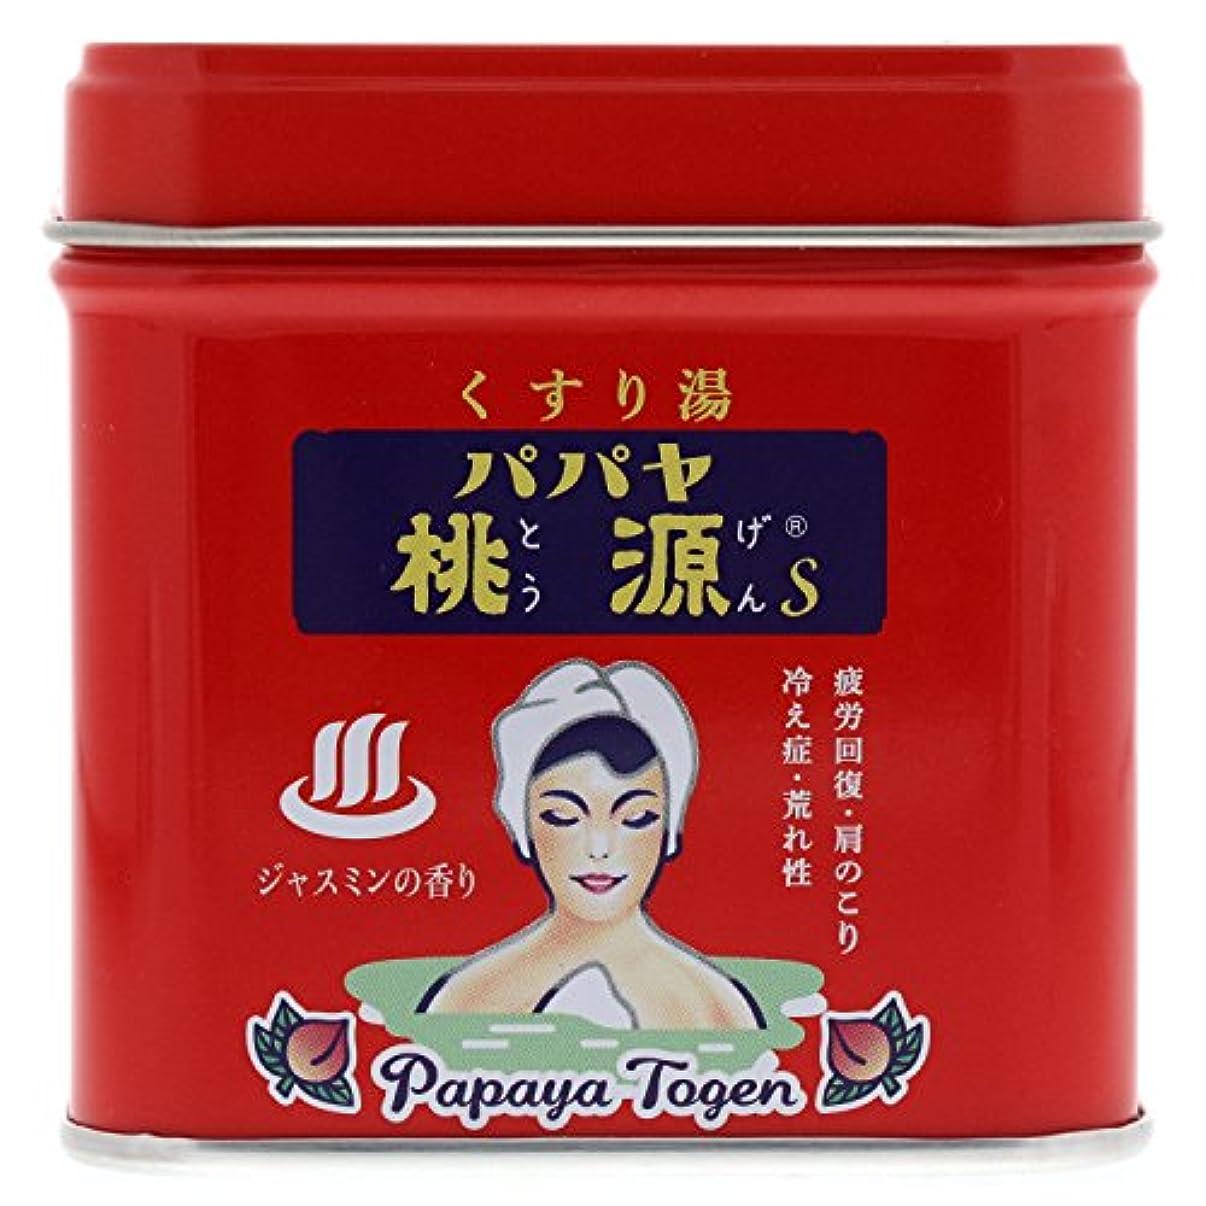 よろめくスケルトン島パパヤ桃源S70g缶 ジャスミンの香り [医薬部外品]